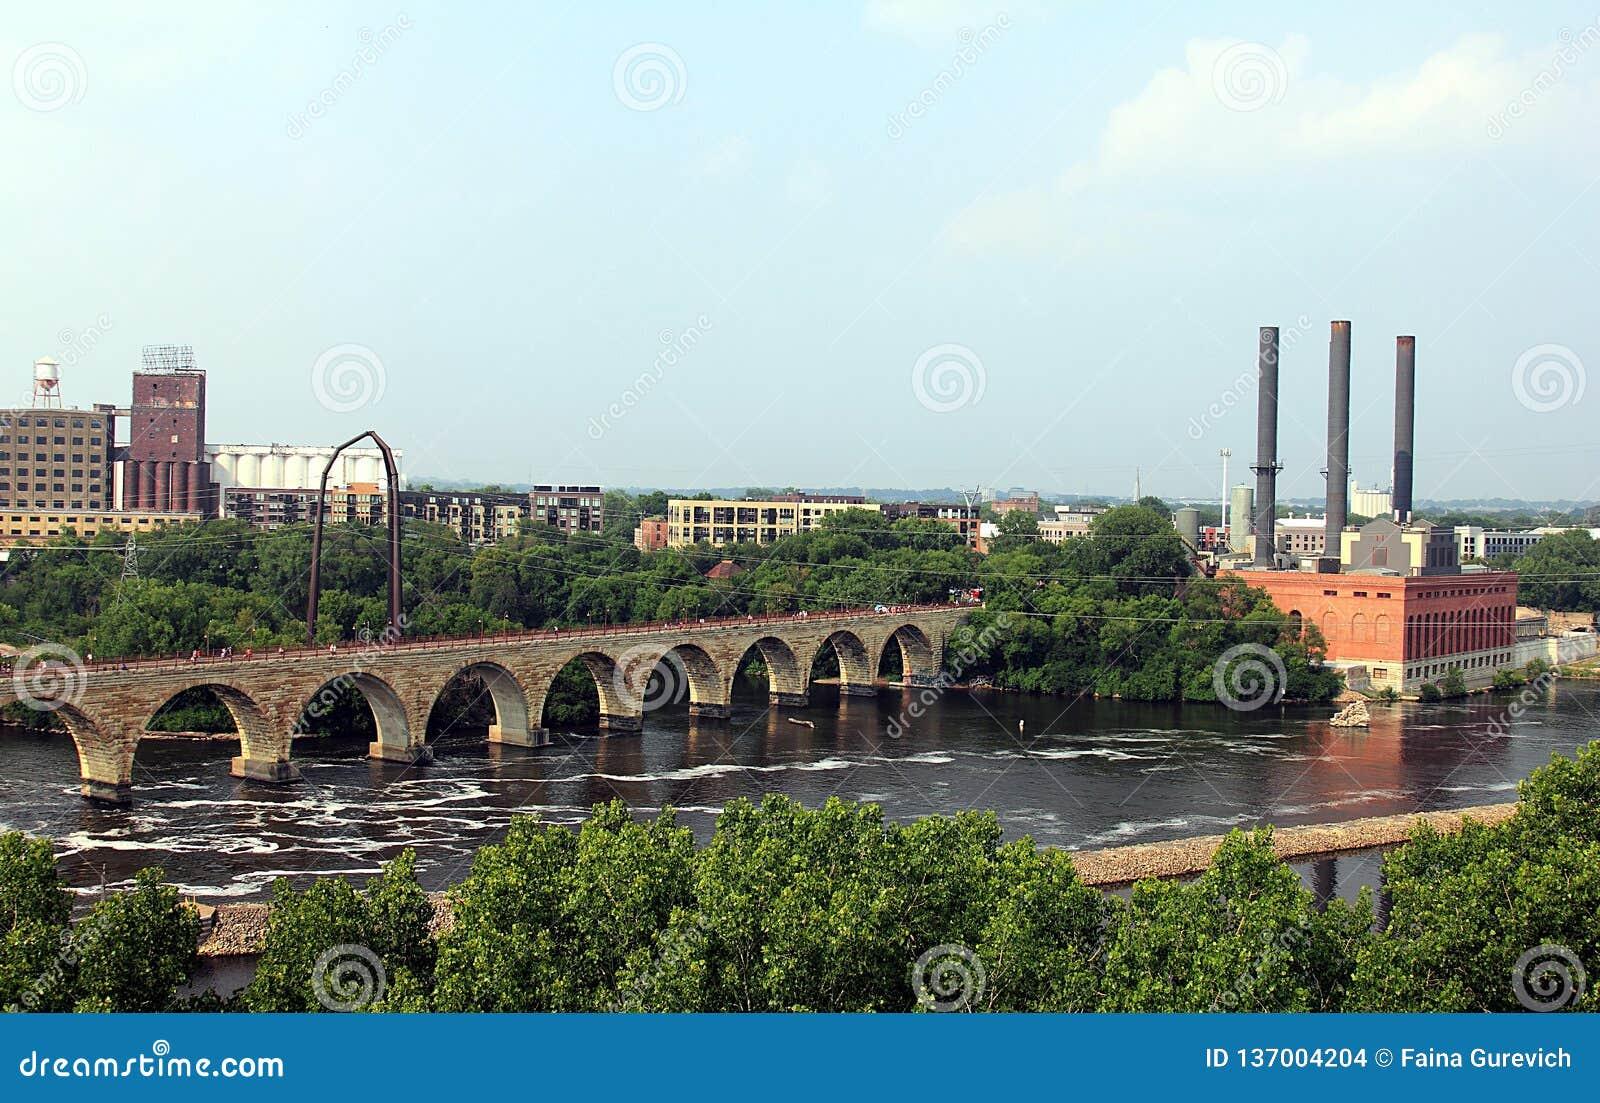 米尼亚波尼斯明尼苏达 密西西比河和石曲拱桥梁